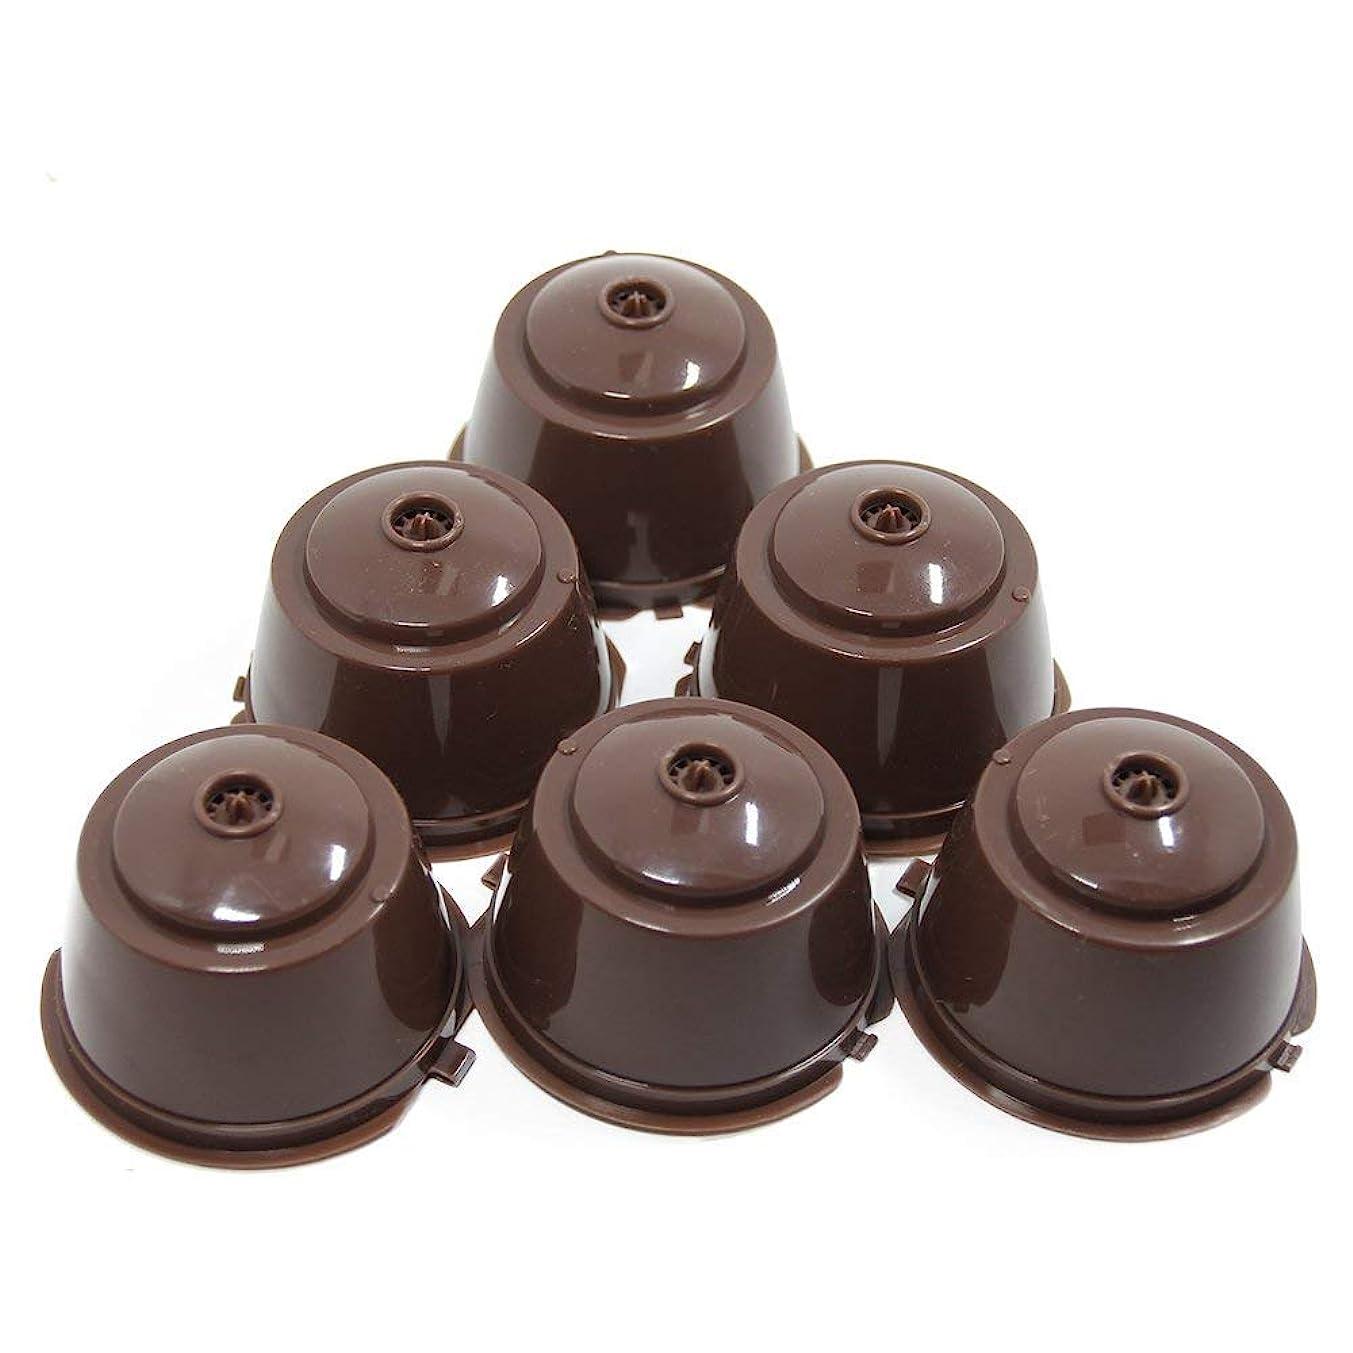 津波尋ねる壁Recaps BPAフリー詰め替え可能なドルチェゴースト再使用可能なコーヒーカプセルポッドはNescafe Dolce Gusto ブルワーズ 6パックと互換性があります。 (ブラウン, 6)